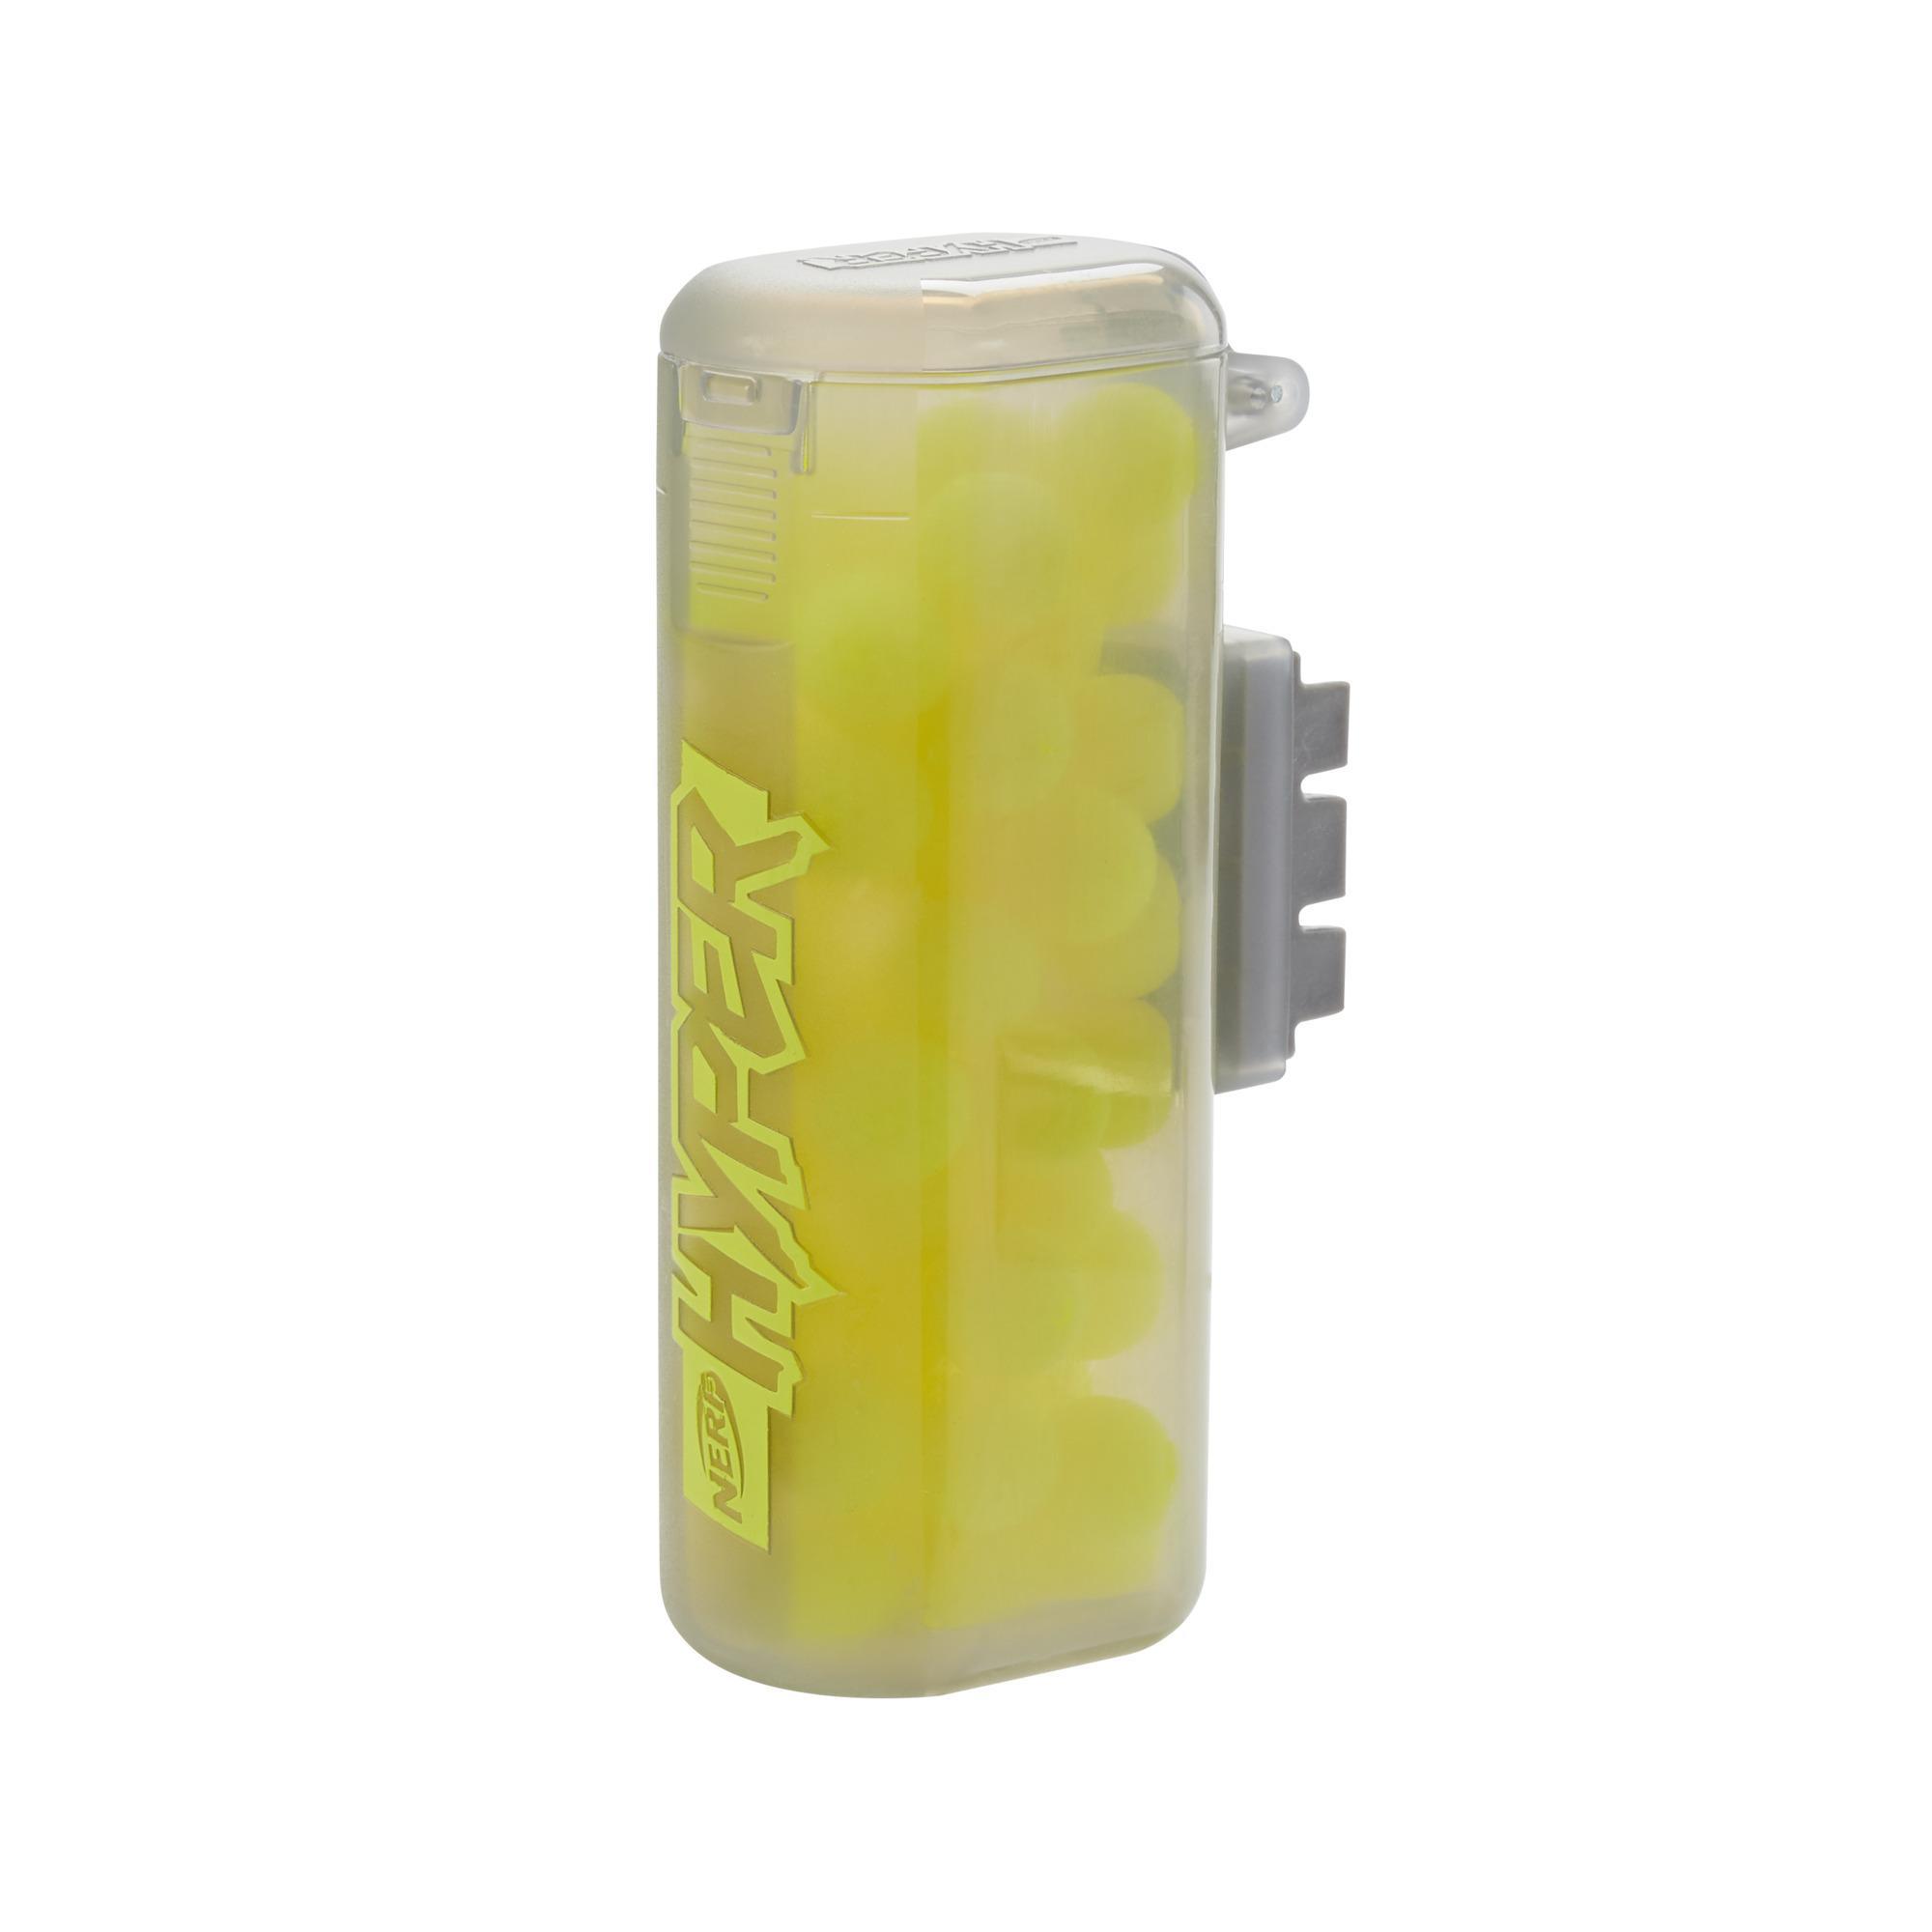 Nerf Hyper, cartouche de 50 billes en mousse, inclut cartouche à remplissage facile et 50 billes en mousse Nerf Hyper